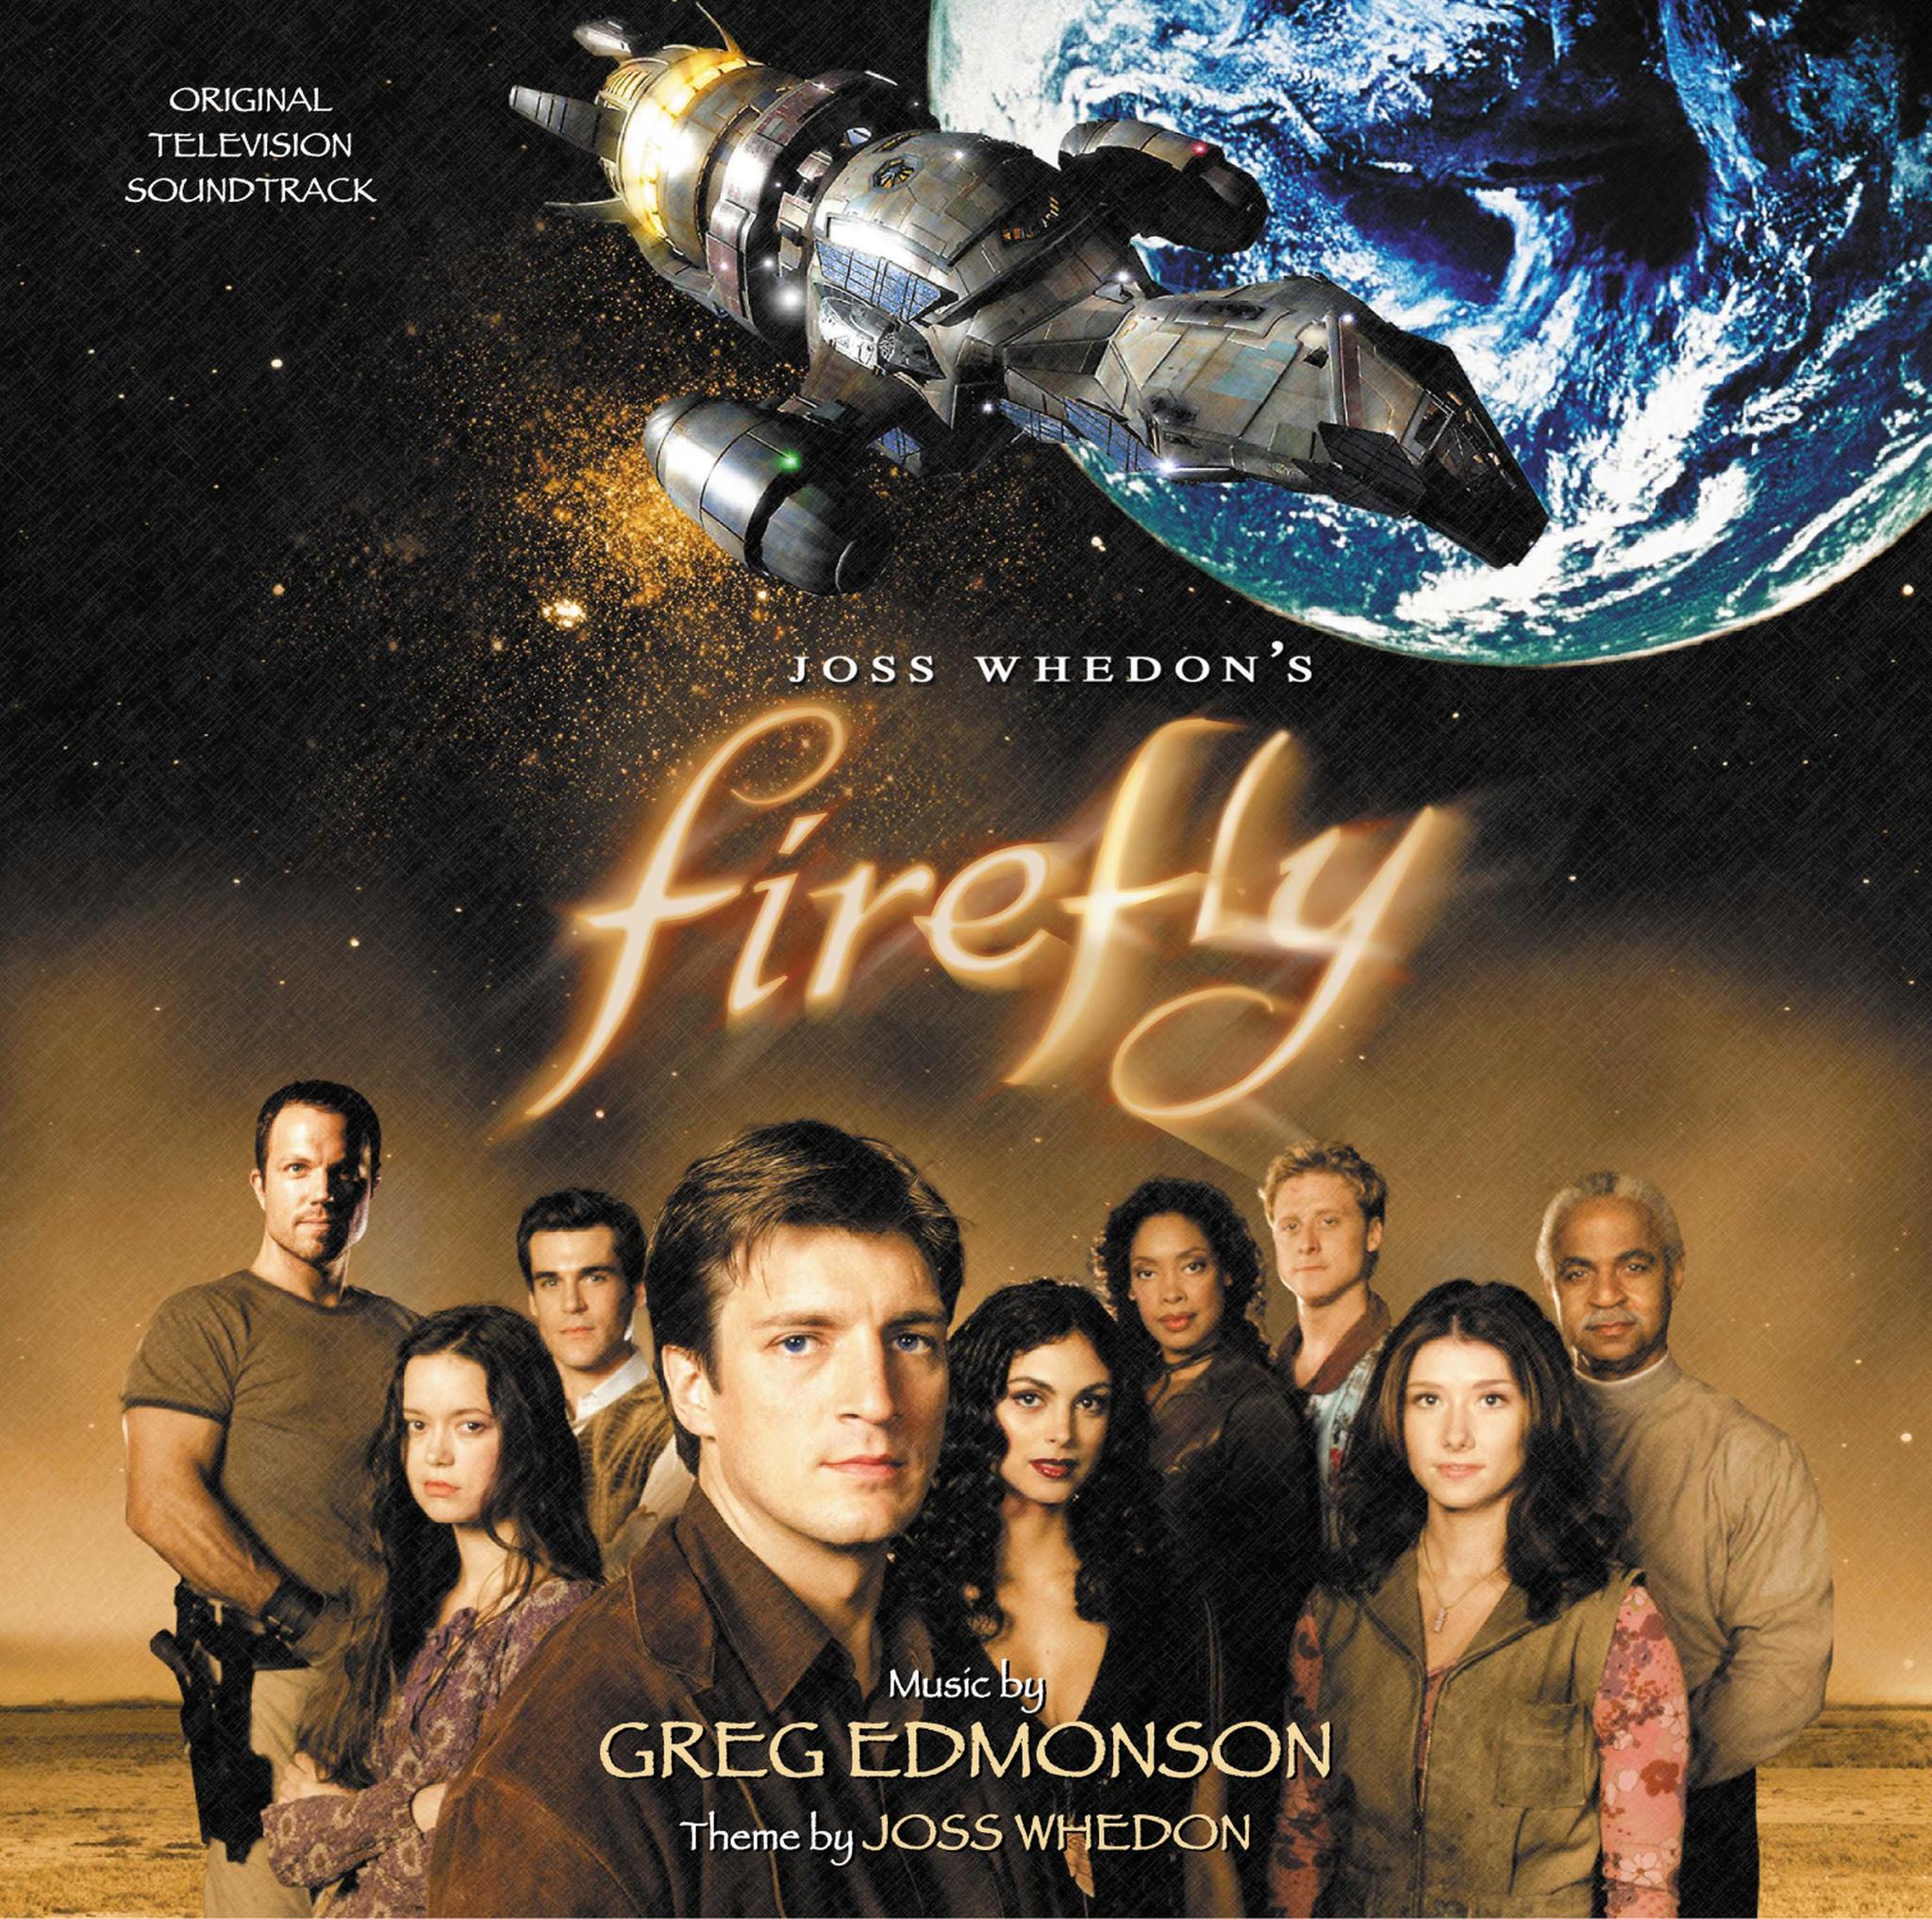 Firefly - O.s.t - Musik - SOUNDTRACK - 0030206669923 - November 8, 2005